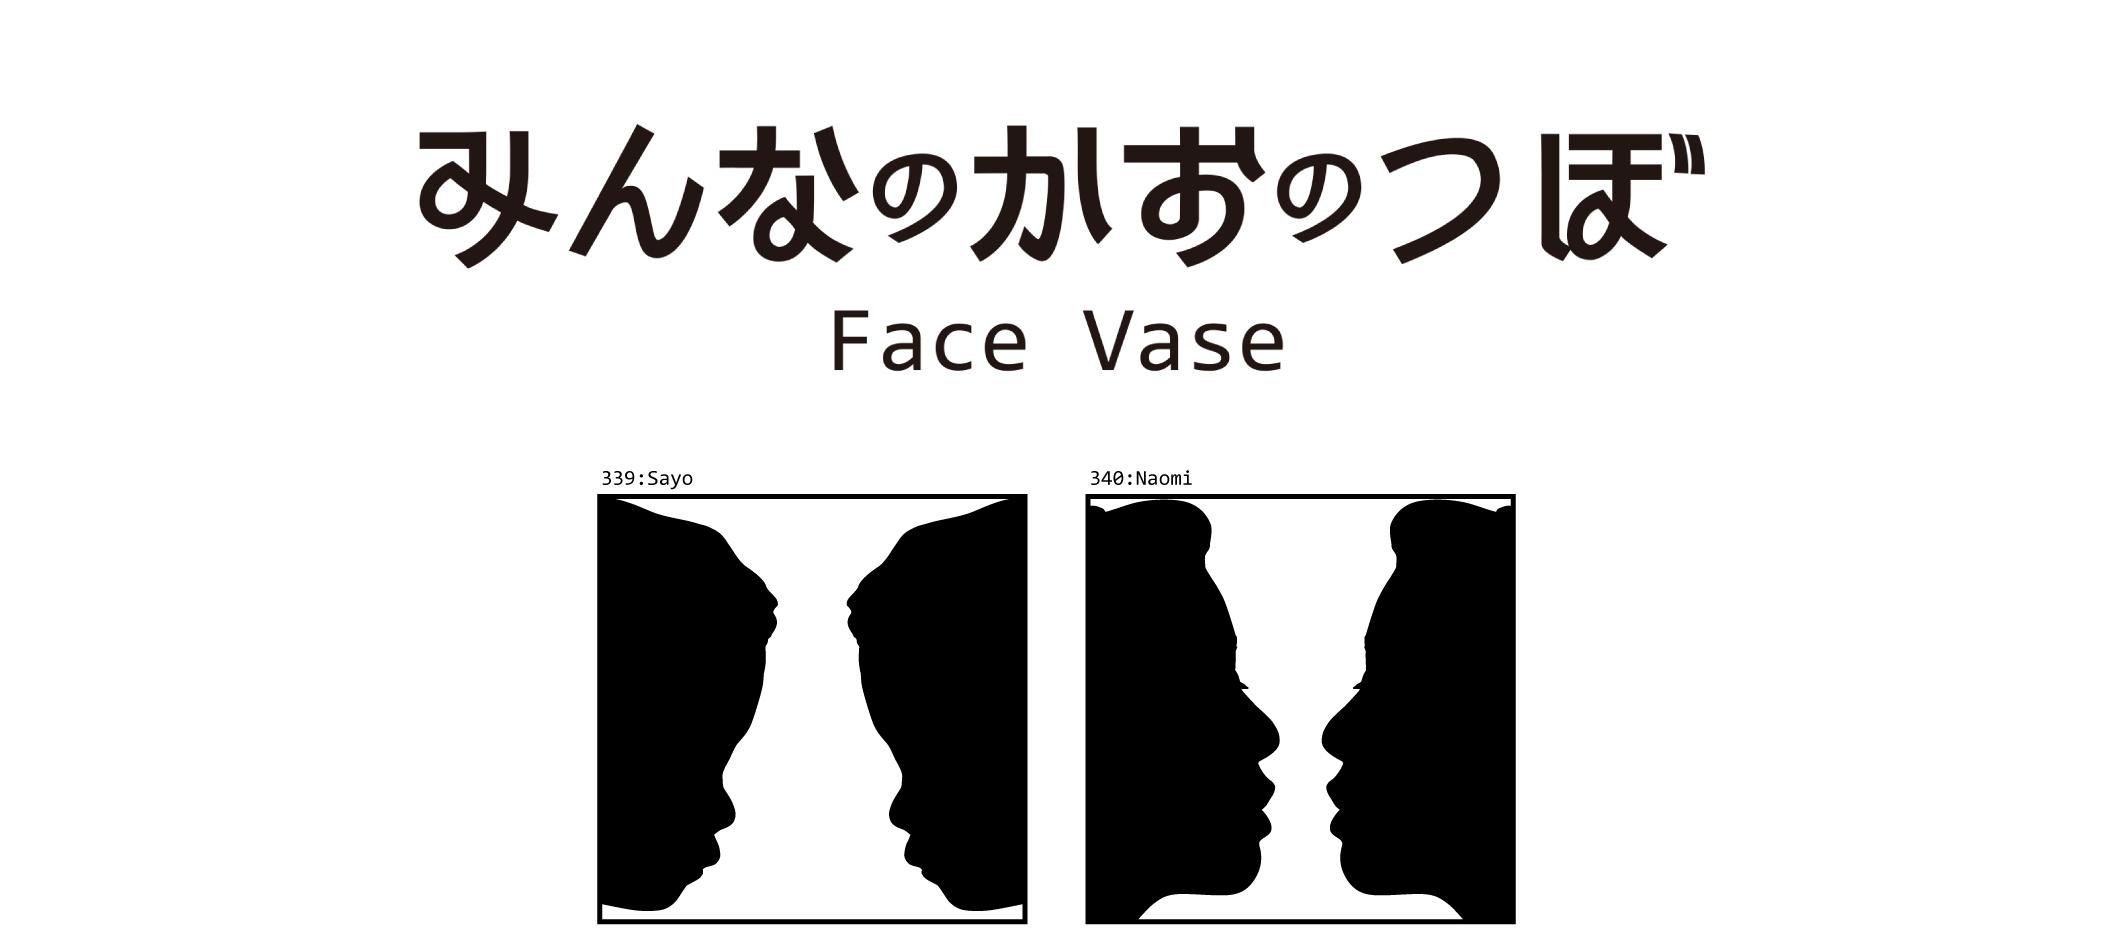 みんなのかおのつぼ / Face Vase:339 Sayo -> 340 Naomi_d0018646_12202317.jpg